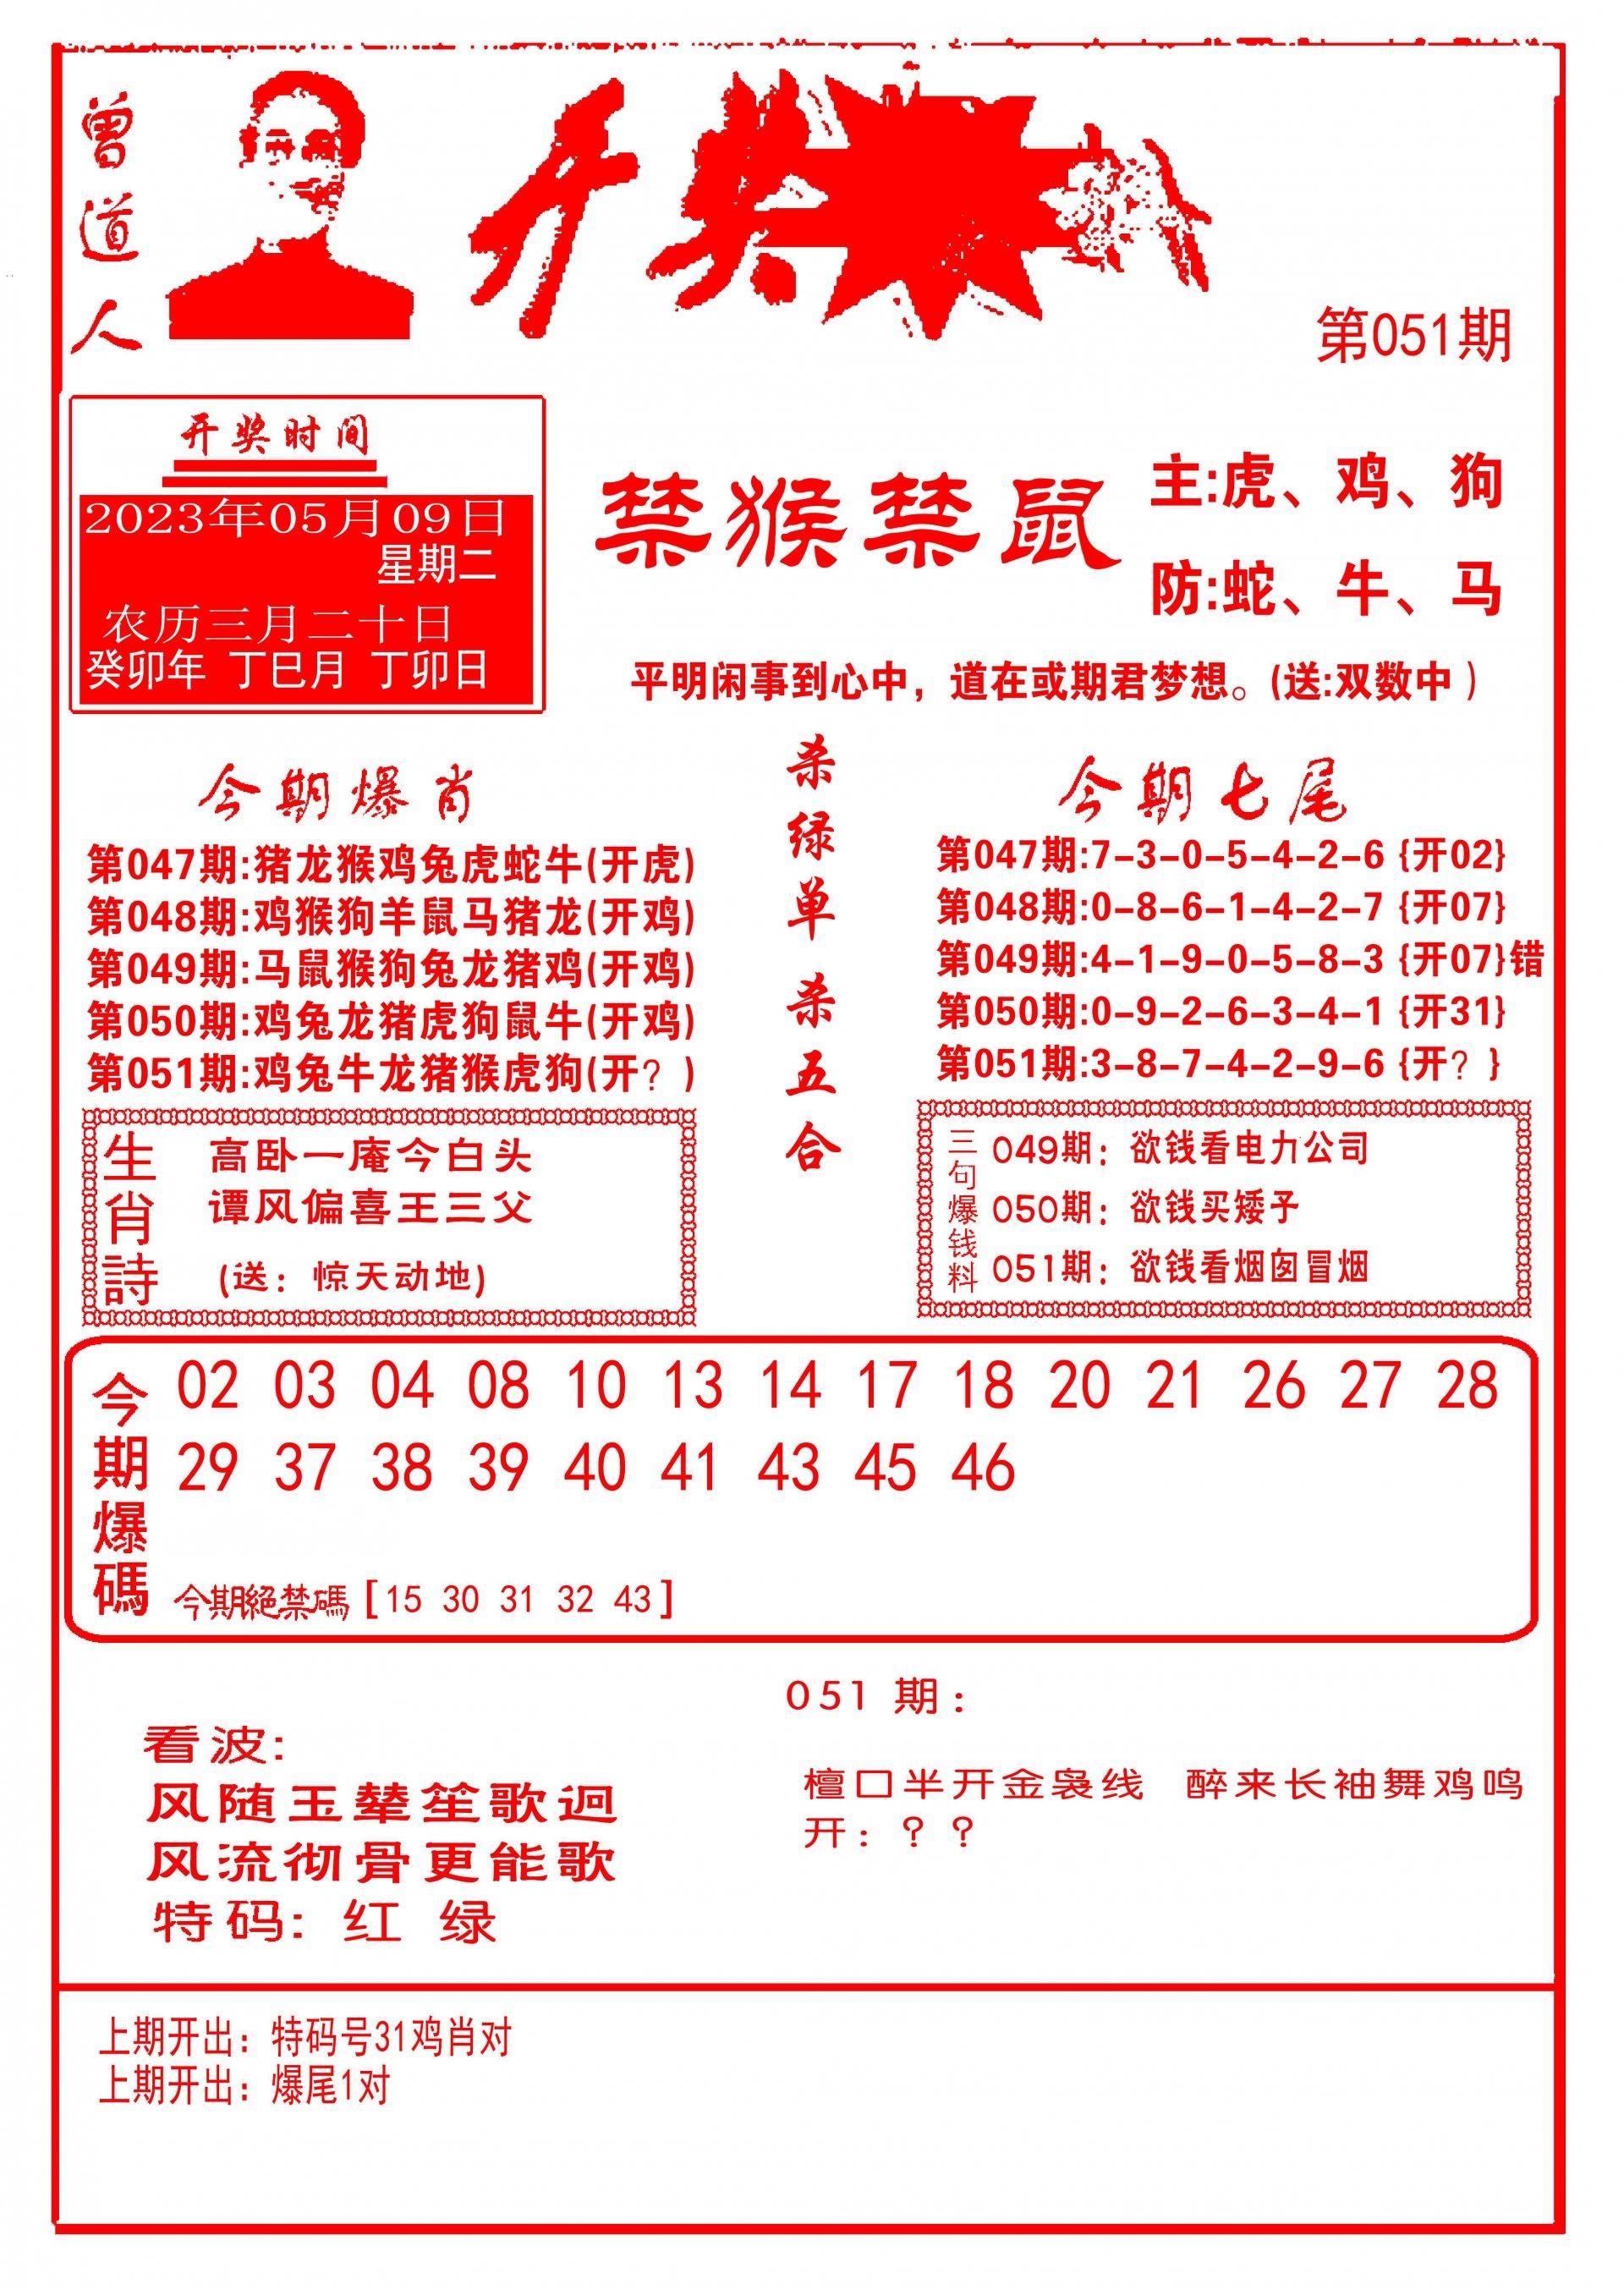 051期开奖爆料(新图推荐)